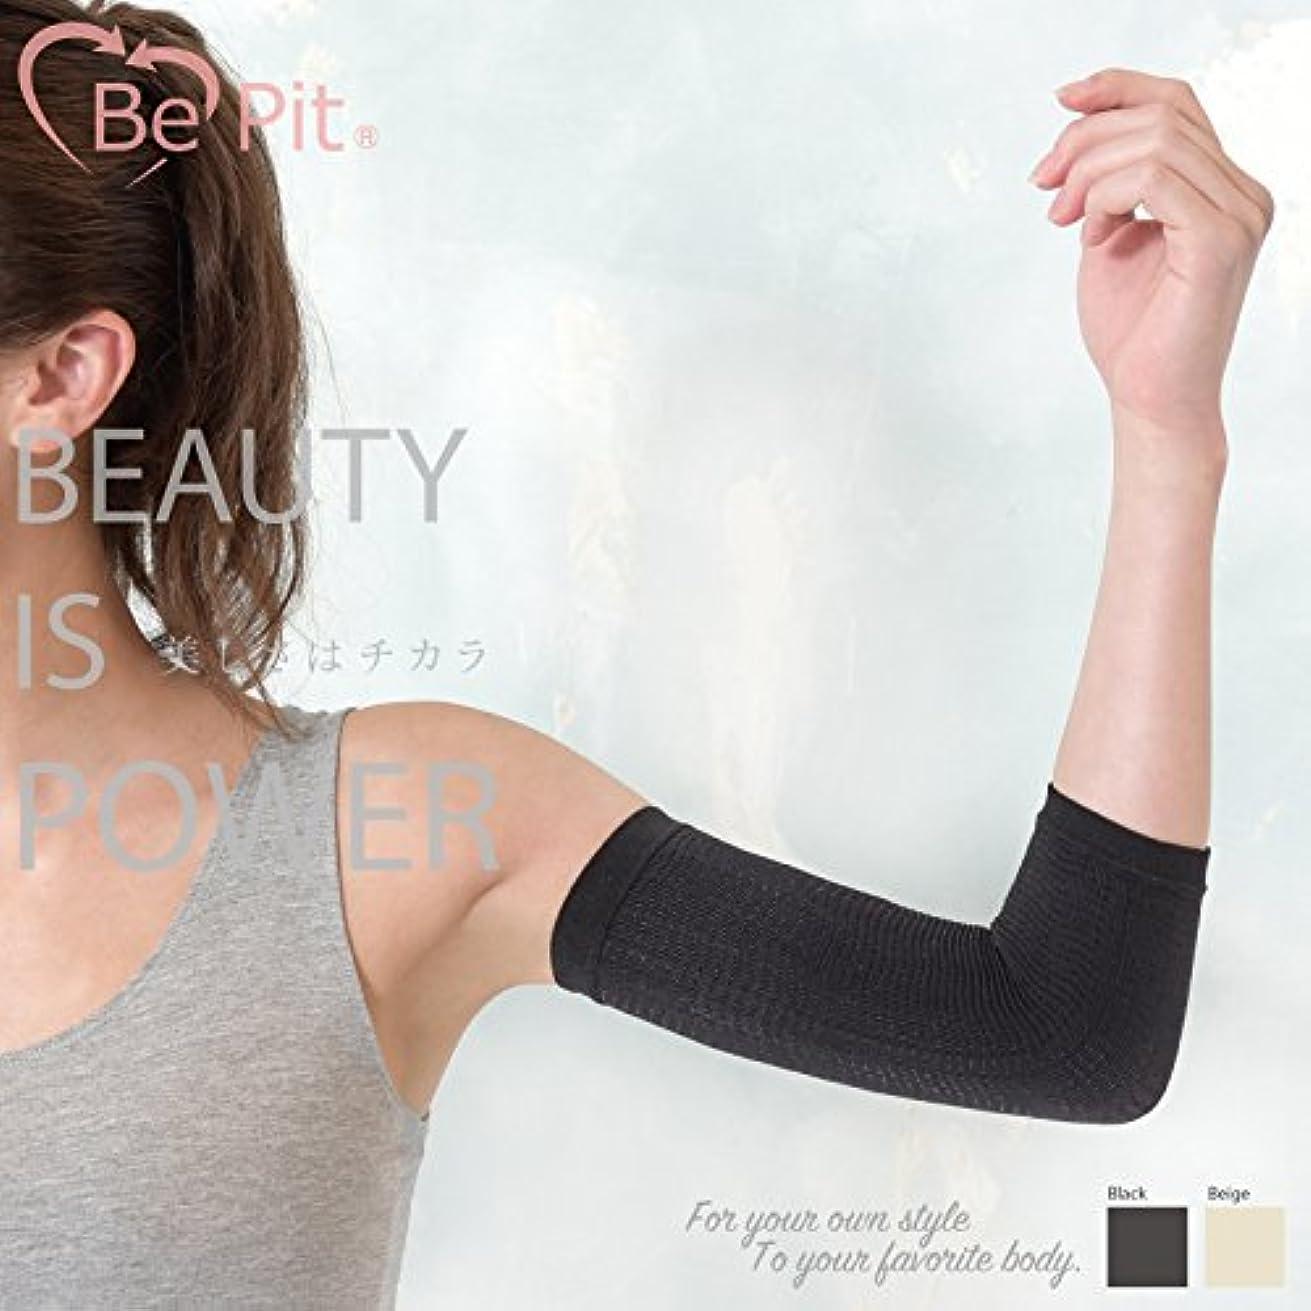 運賃美しい見せます美ピット(Bepit) 二の腕マッサージフィットスパッツ Bepit016 (ブラック)